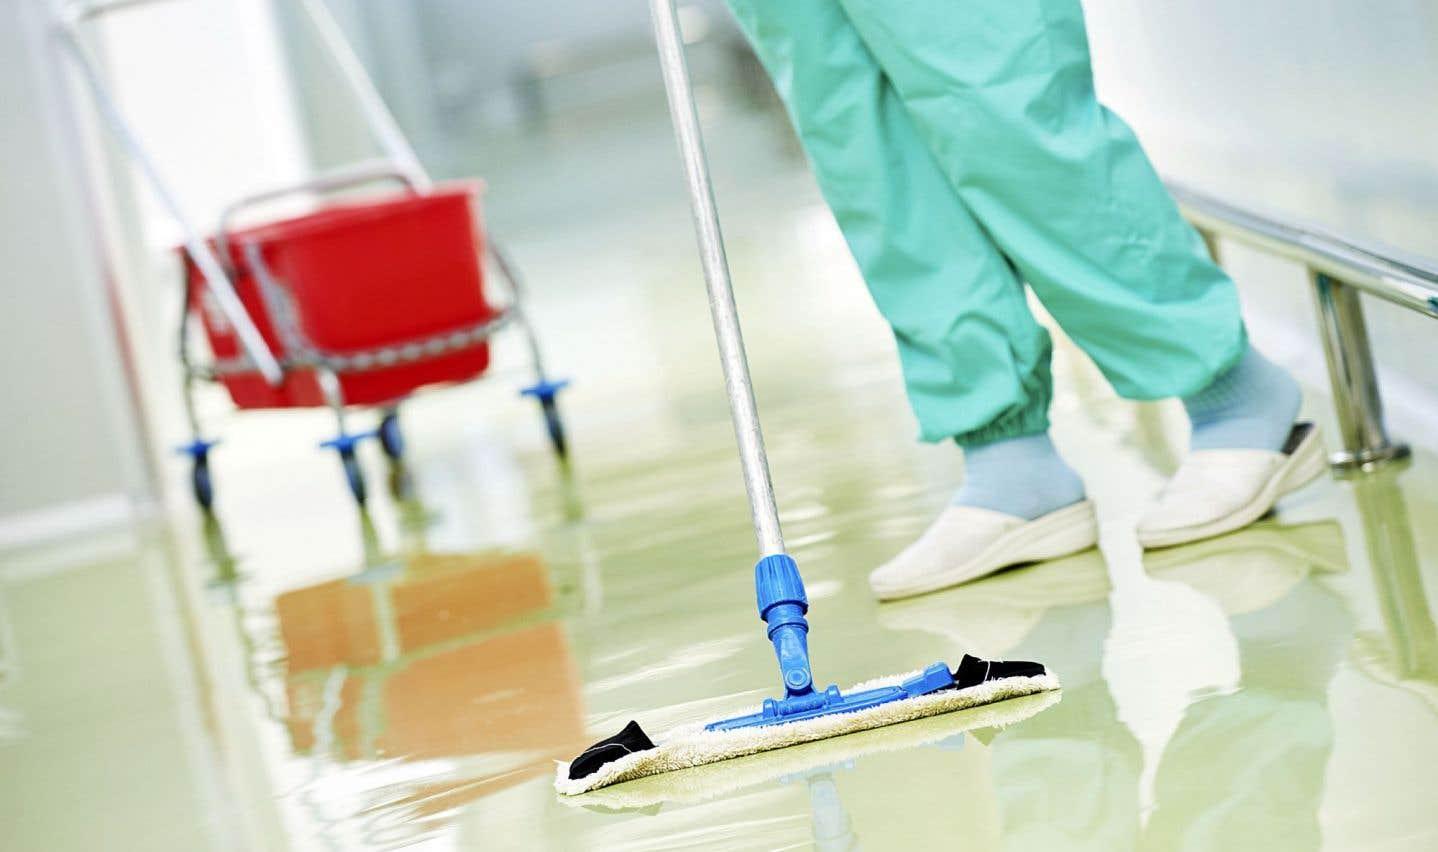 Les périsoignants représentent le personnel paratechnique (les préposés aux bénéficiaires et à l'entretien ménager, les cuisiniers et les pâtissiers, les électriciens et les mécaniciens), les employés de bureau, les techniciens et les professionnels de la santé et des services sociaux